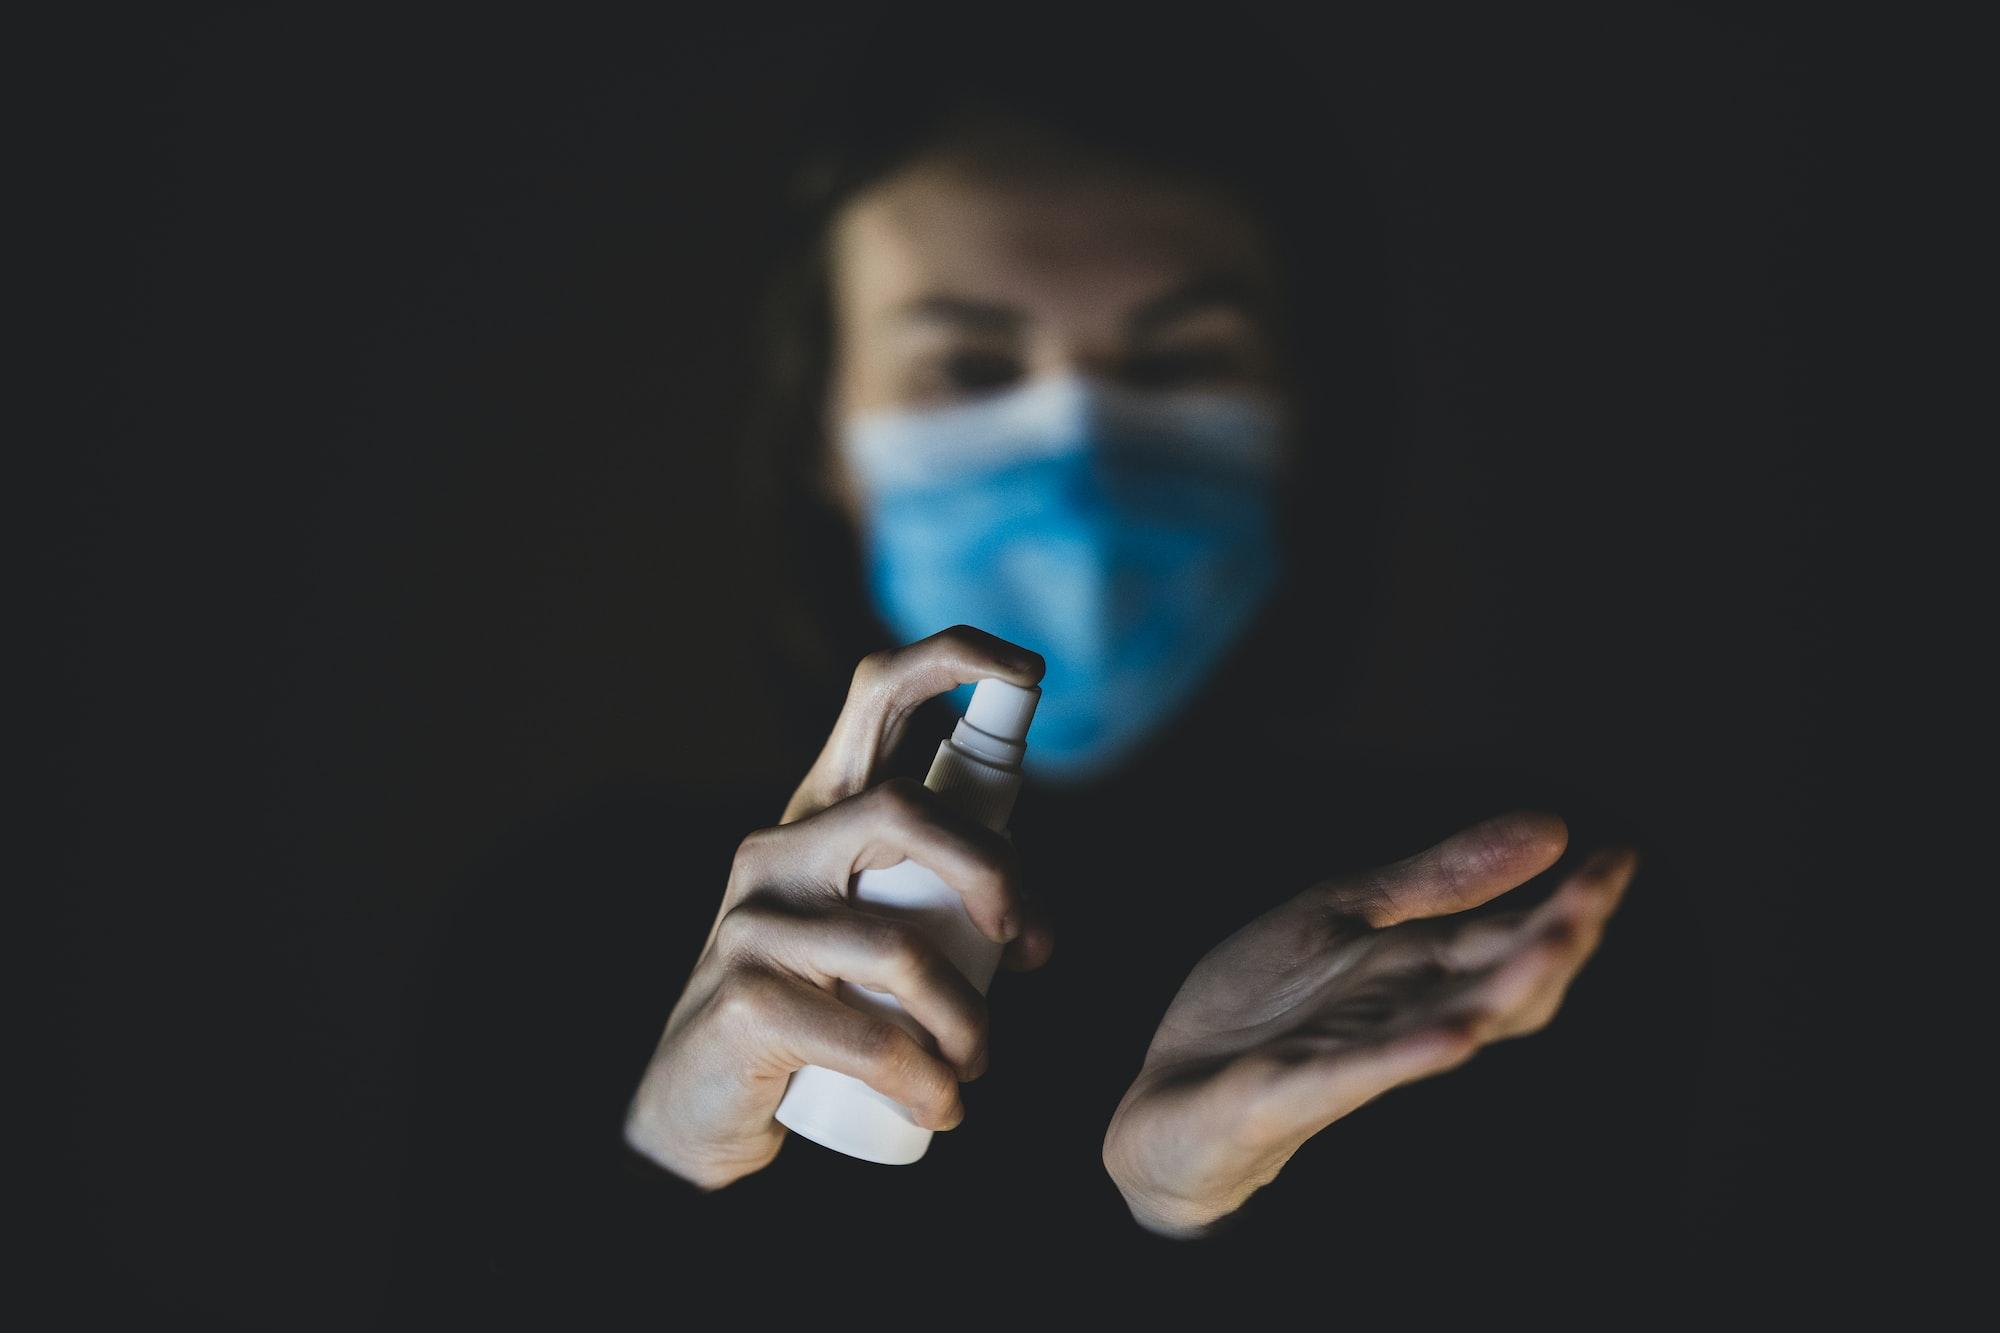 Koronawirus Małopolska [14 czerwca]: Szczegółowe dane - zakażenia, zgony